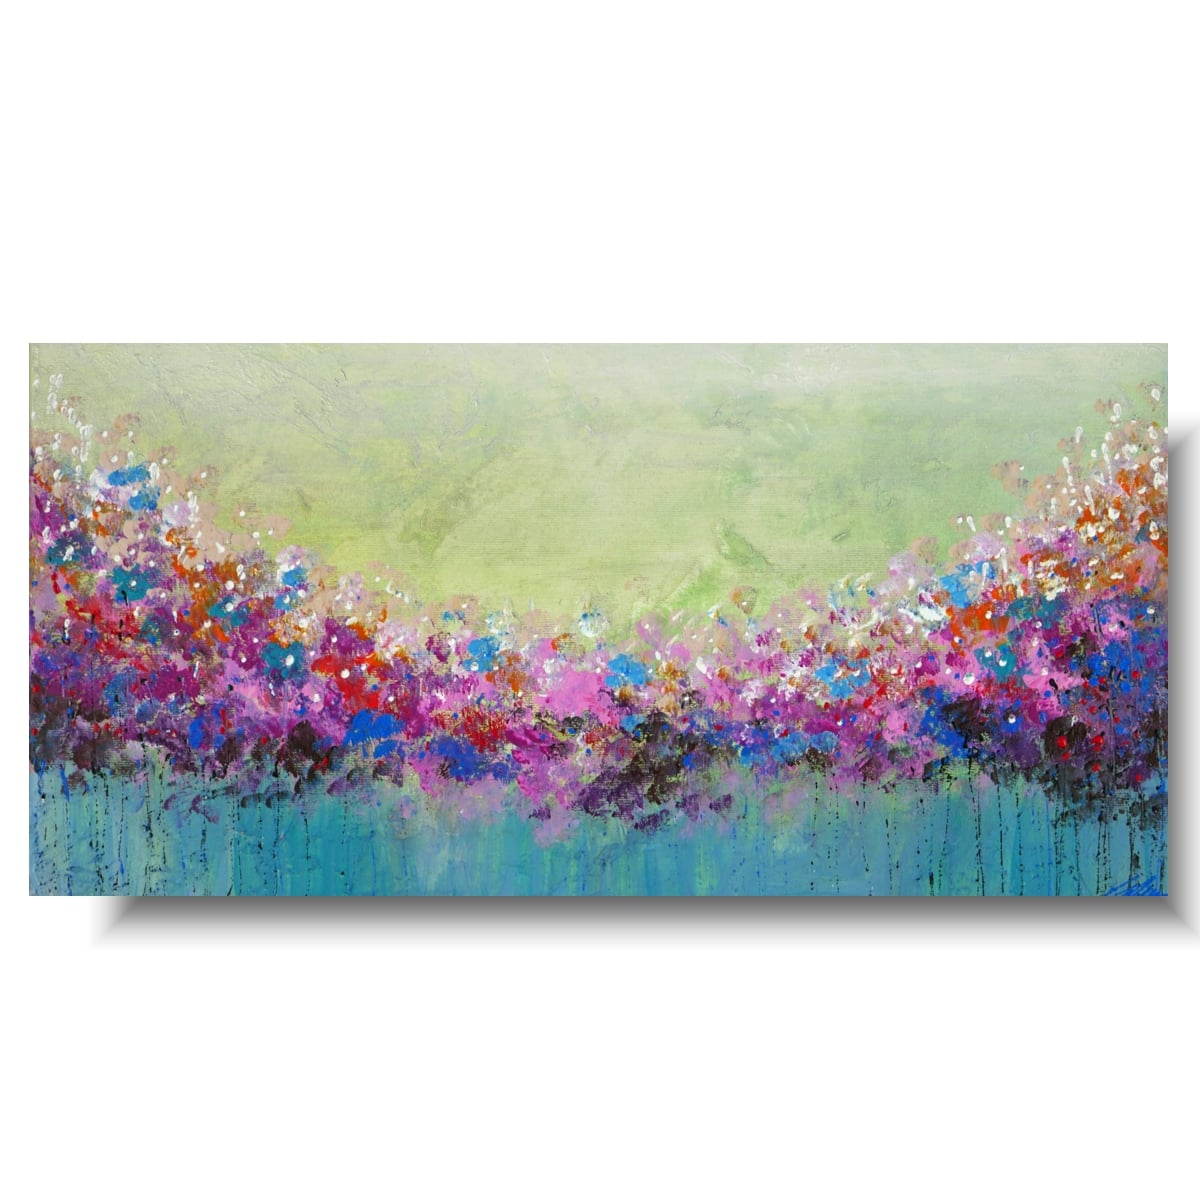 Cudowny obraz z kwiatami wiosenna łąka 1797A